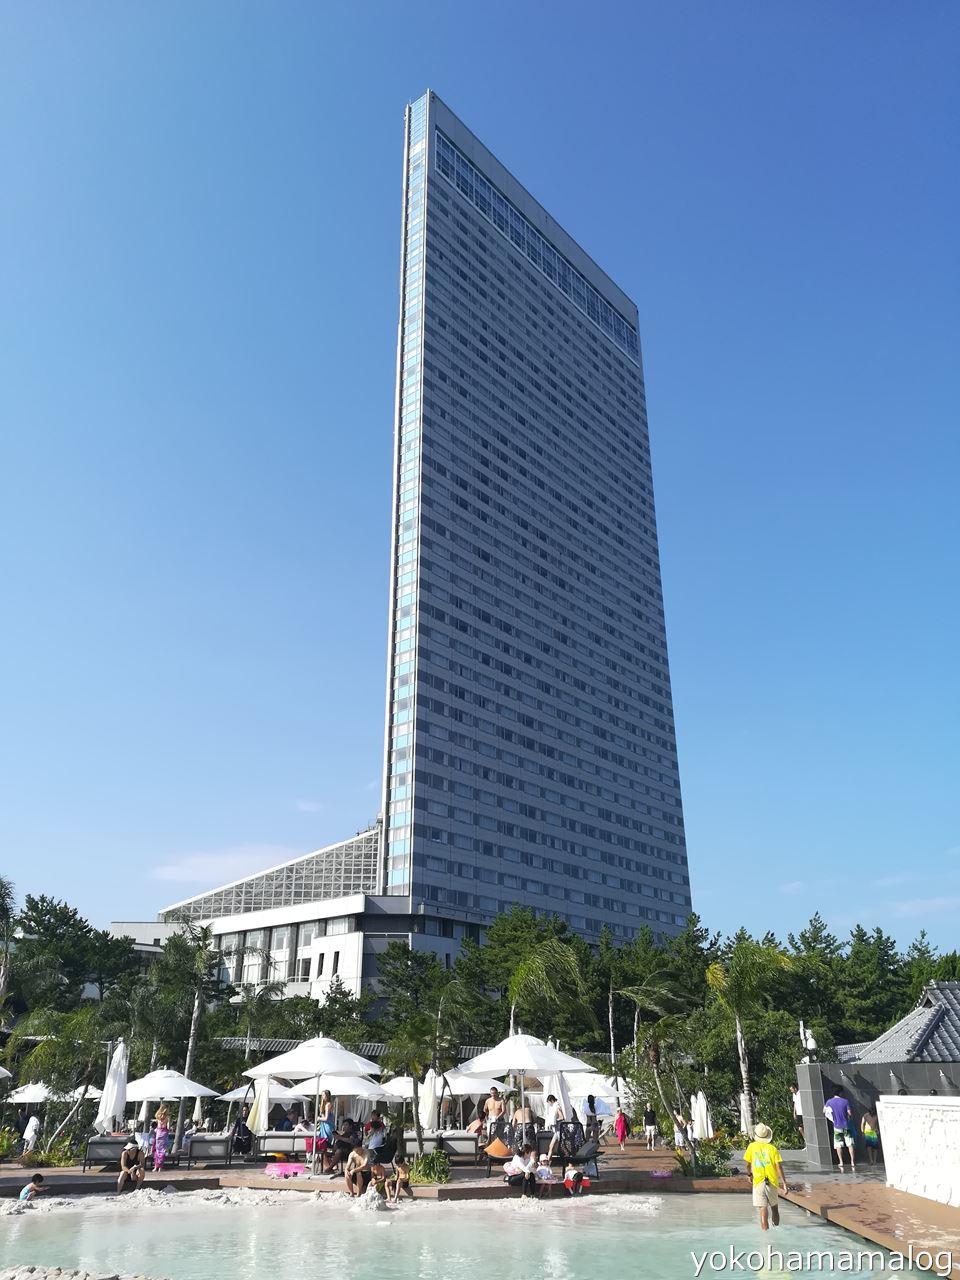 シェラトン宮崎子連れ旅行記 念願のシーガイアに泊りました!